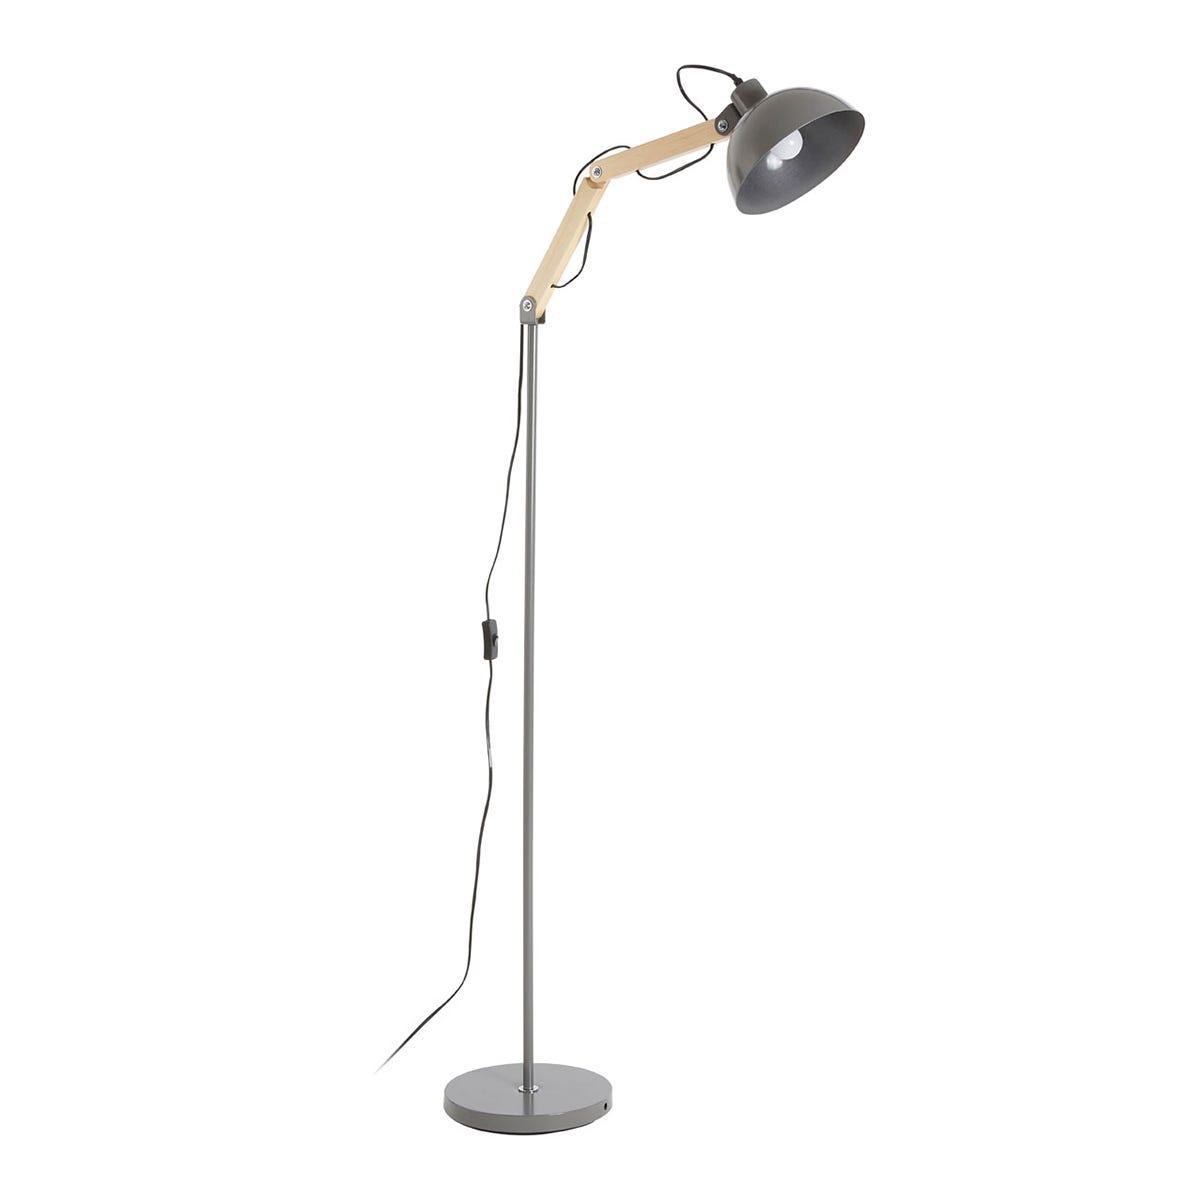 Premier Housewares Blair Floor Lamp in Wood & Metal - Grey